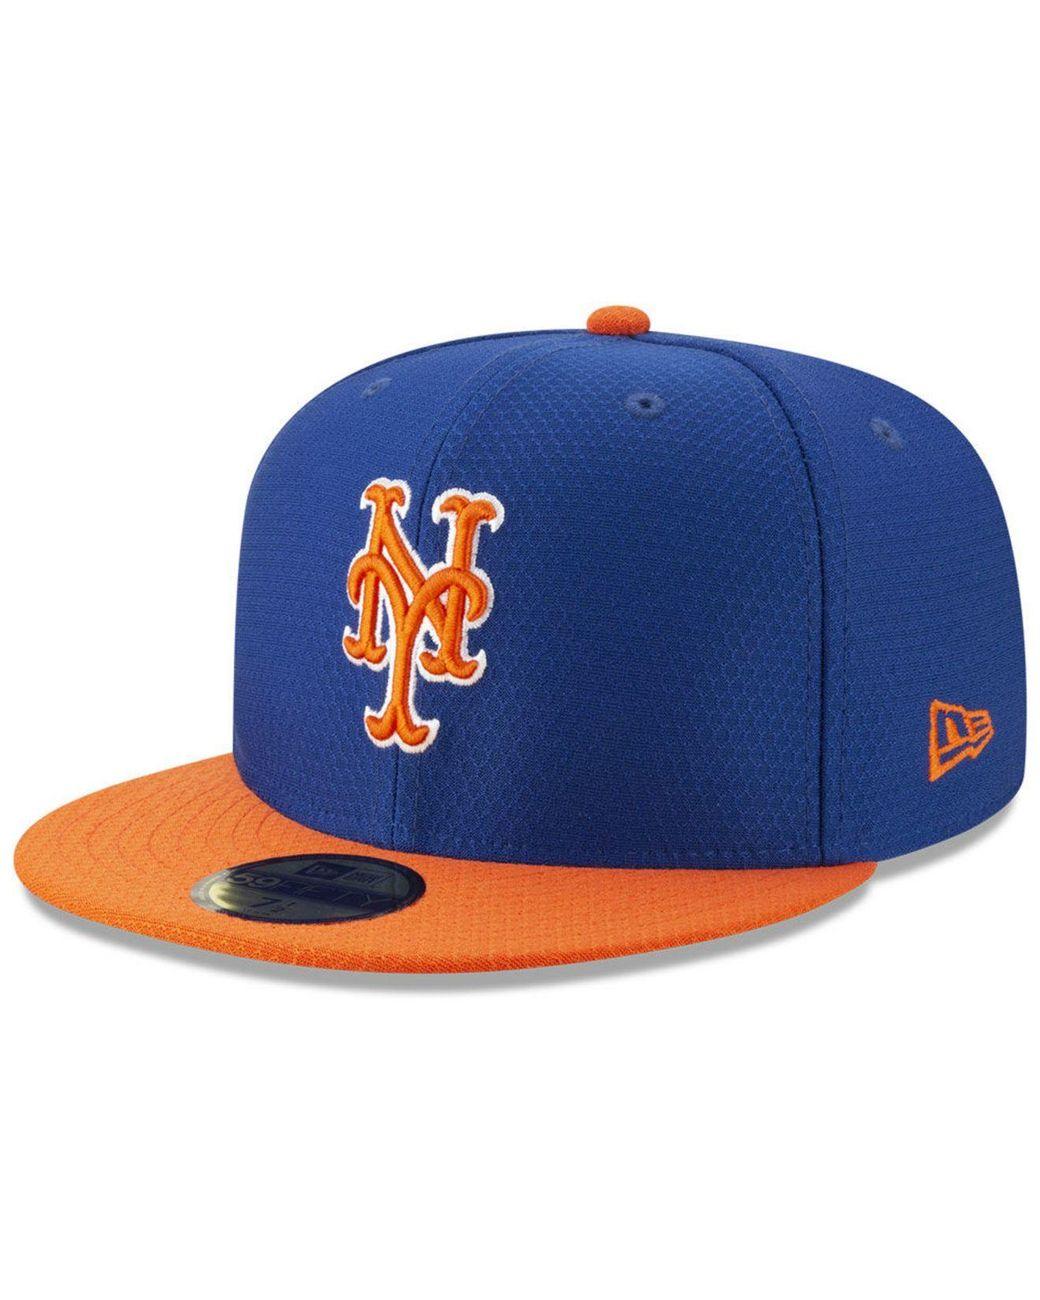 online retailer c1156 b3226 KTZ. Men s Blue New York Mets Batting Practice 59fifty-fitted Cap